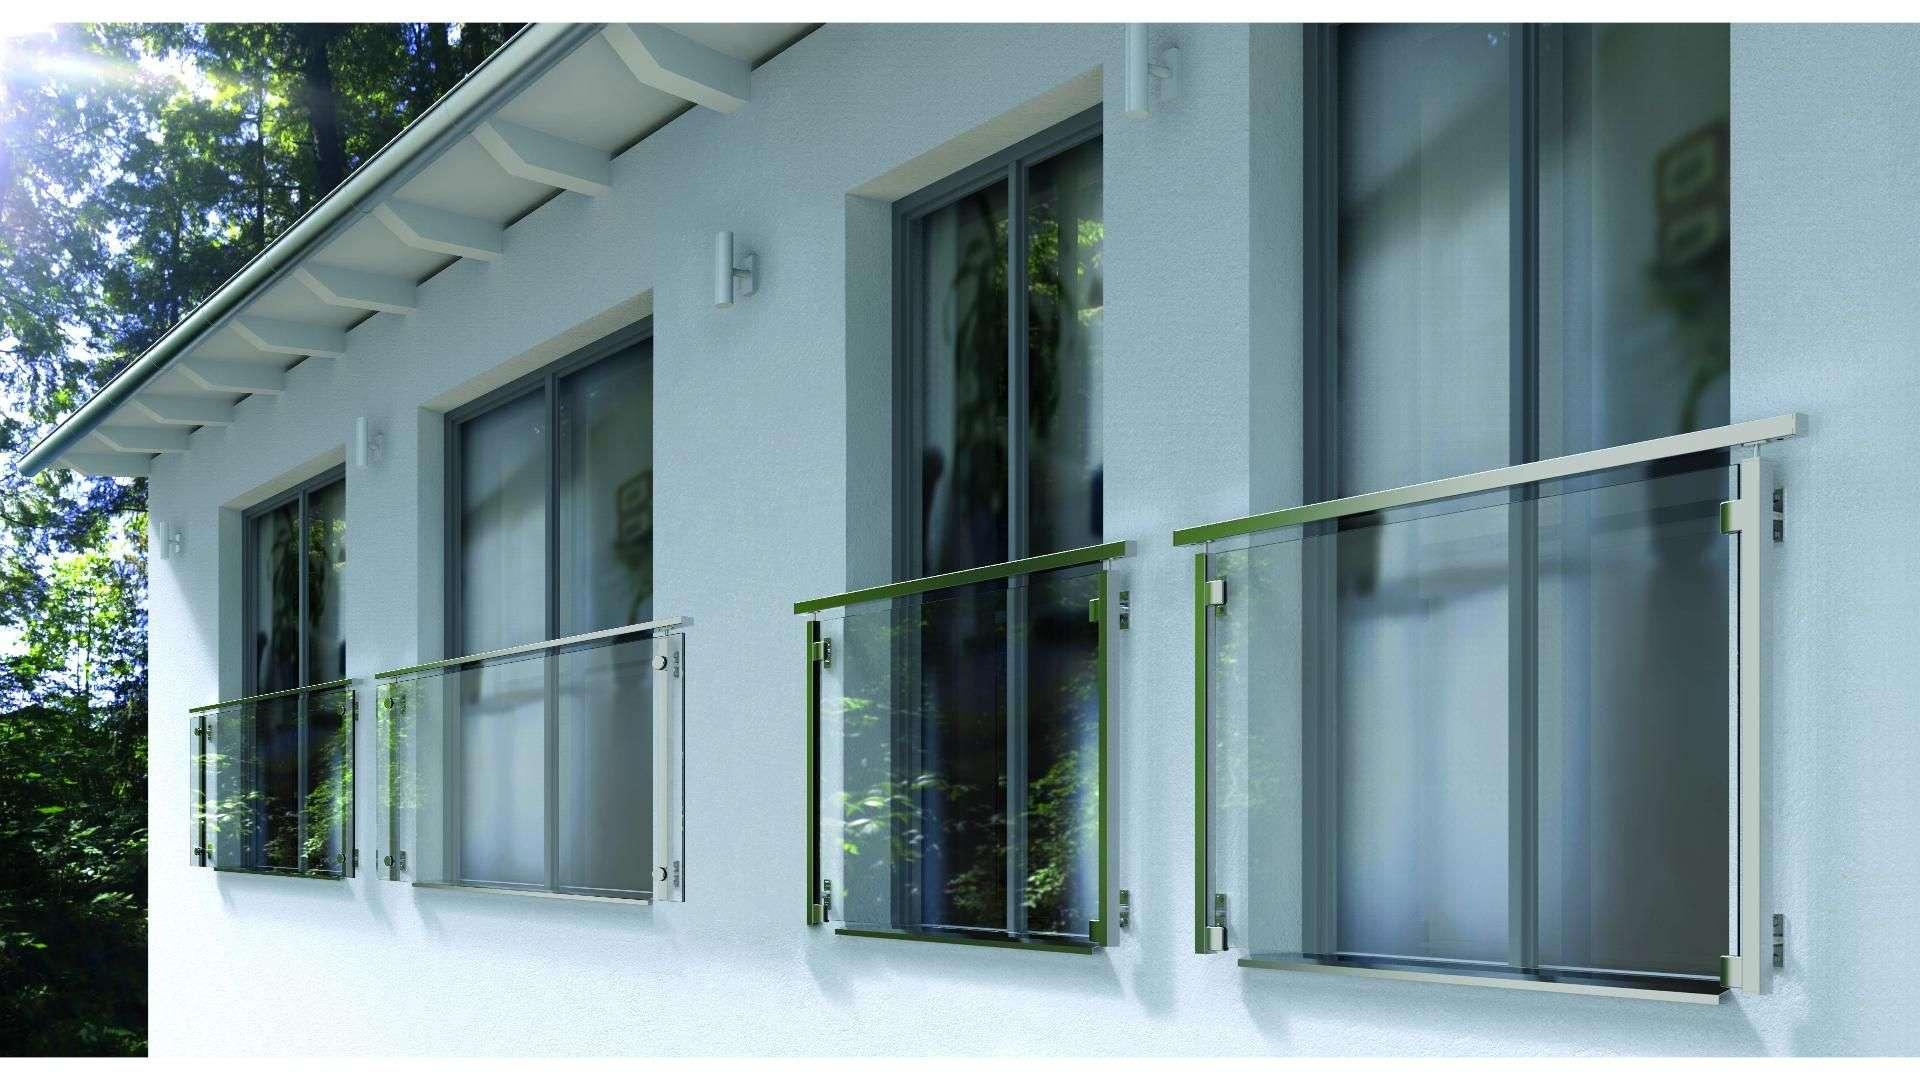 Französische Balkone vor bodentiefen Fenstern